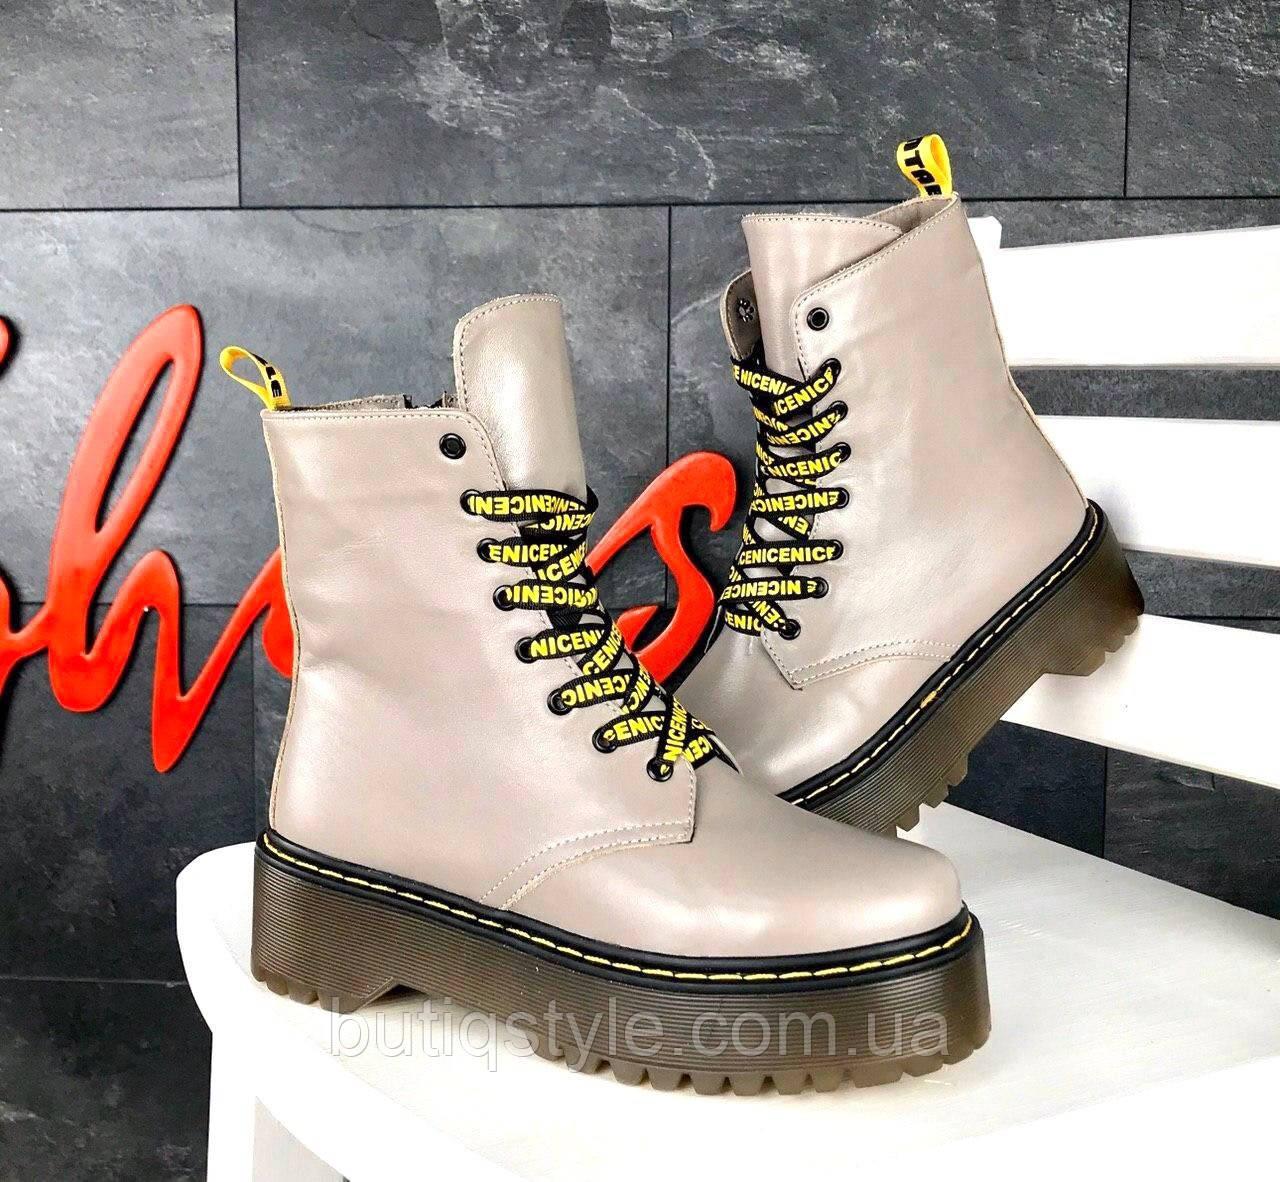 Женские ботинки мартинсы латте натуральная кожа на шнуровке Деми